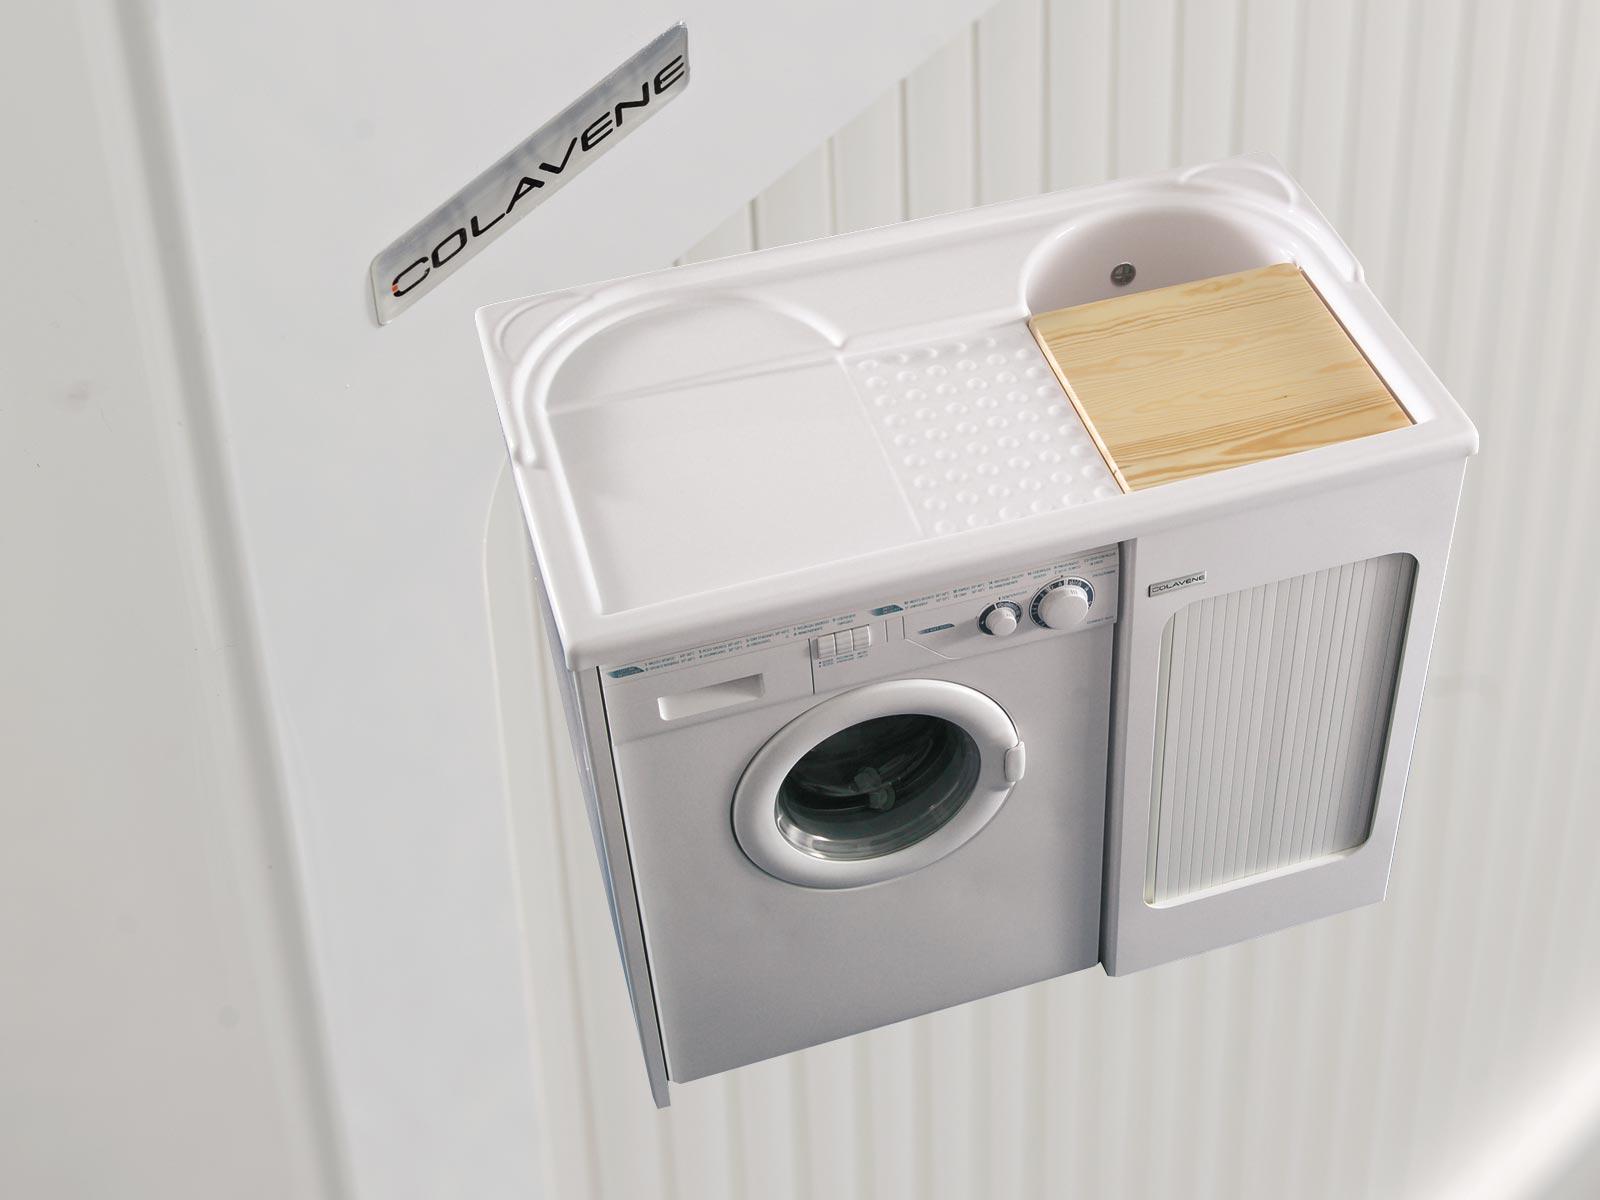 Lavabi lavacril ceramichemichelediprima - Colavene arredo bagno ...